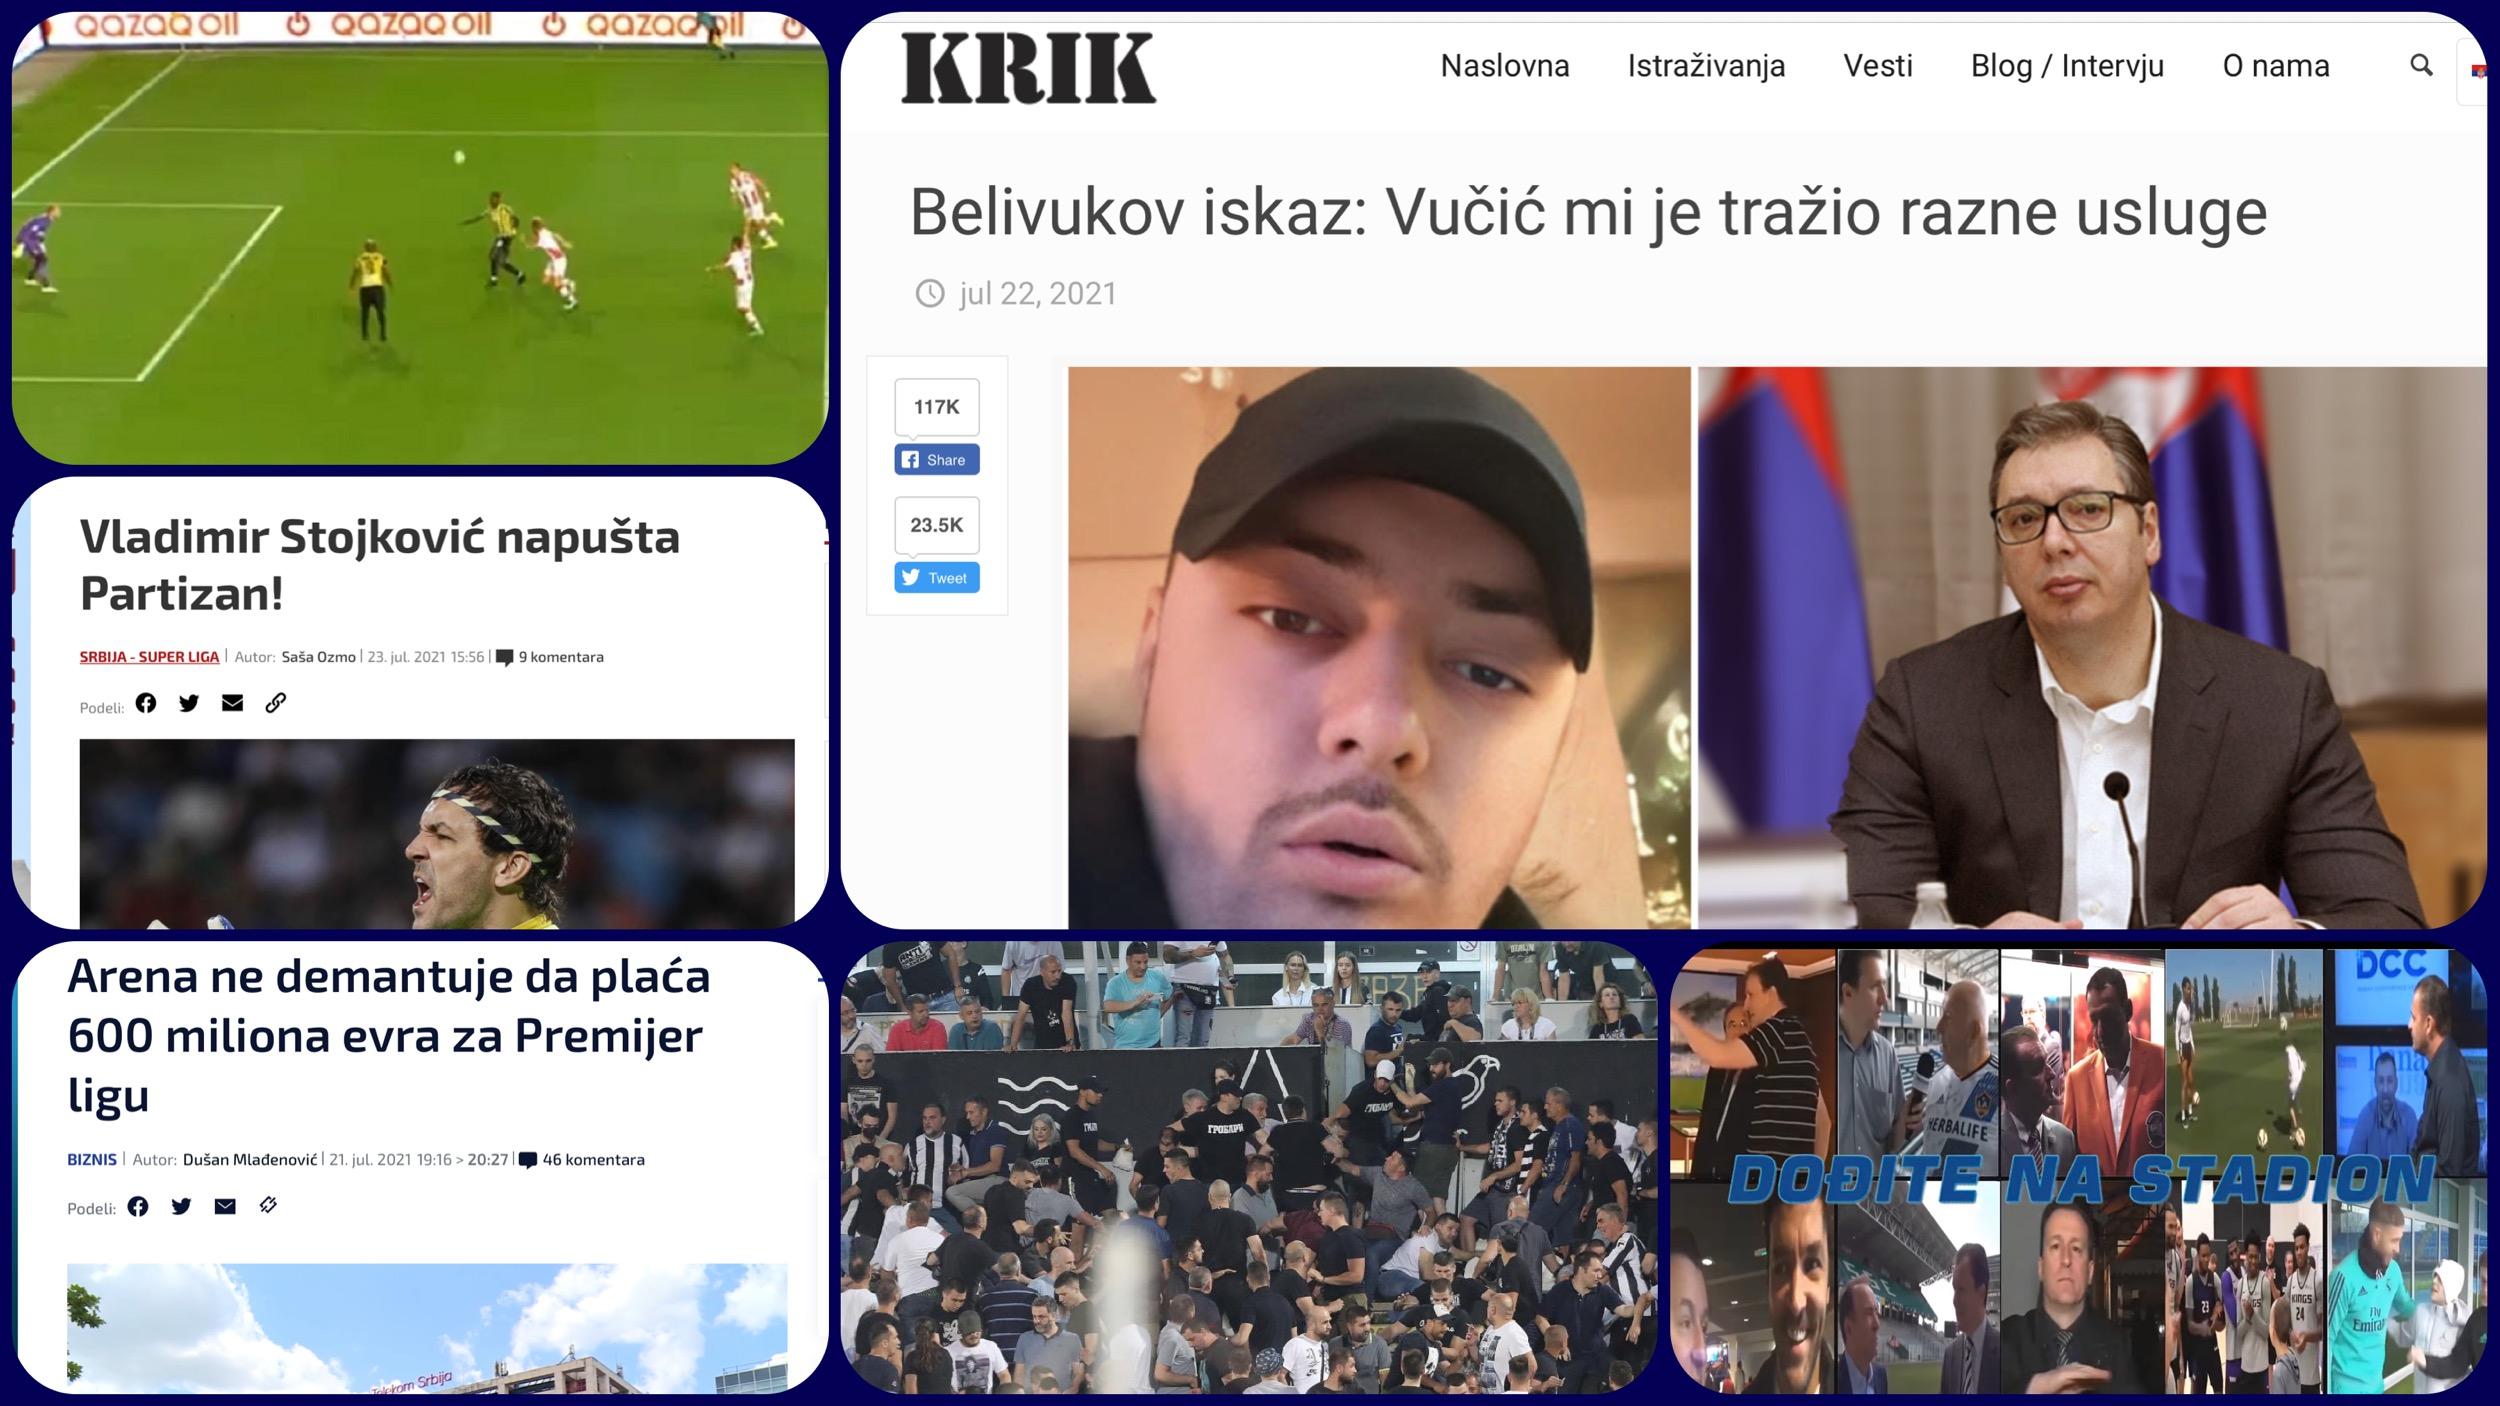 Željko Pantić: Dođite na stadion 443. Sijamski blizanac SNS vlasti i 600 miliona evra Telekom ludila (VIDEO)